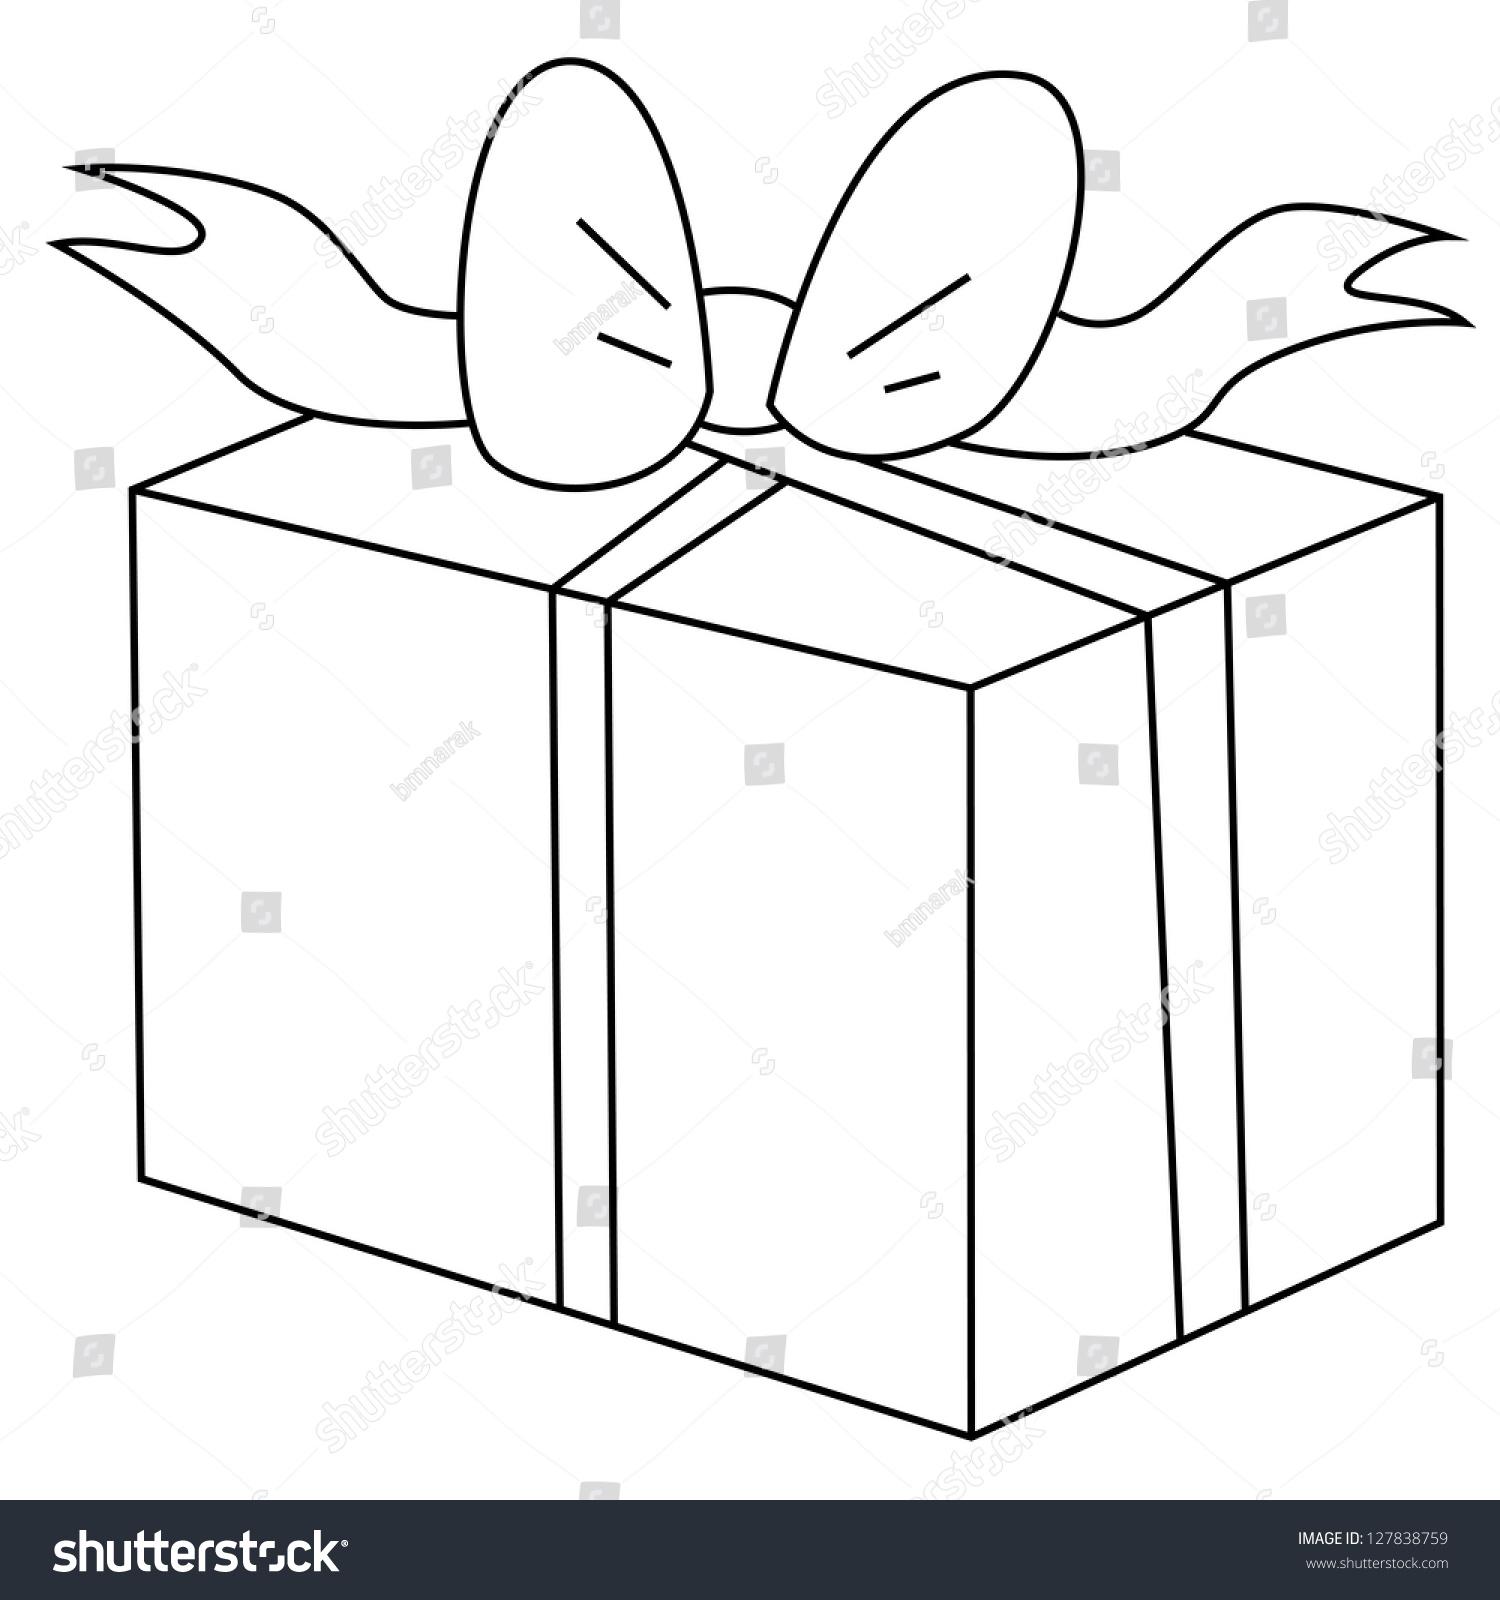 Black Outline Vector Gift Box On White Background